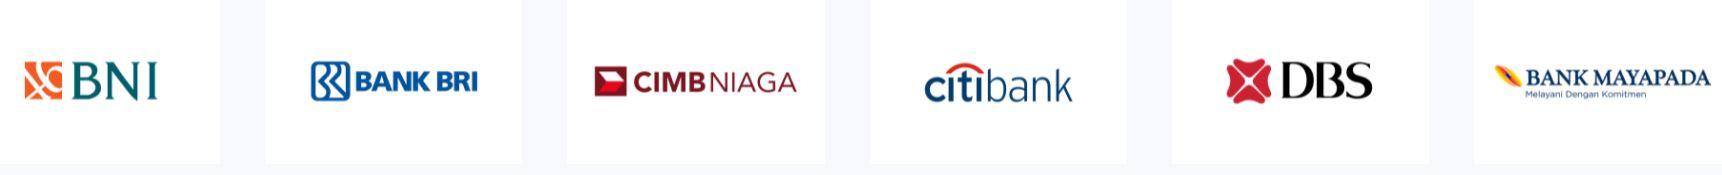 Pengajuan Kartu Kredit Online Mudah